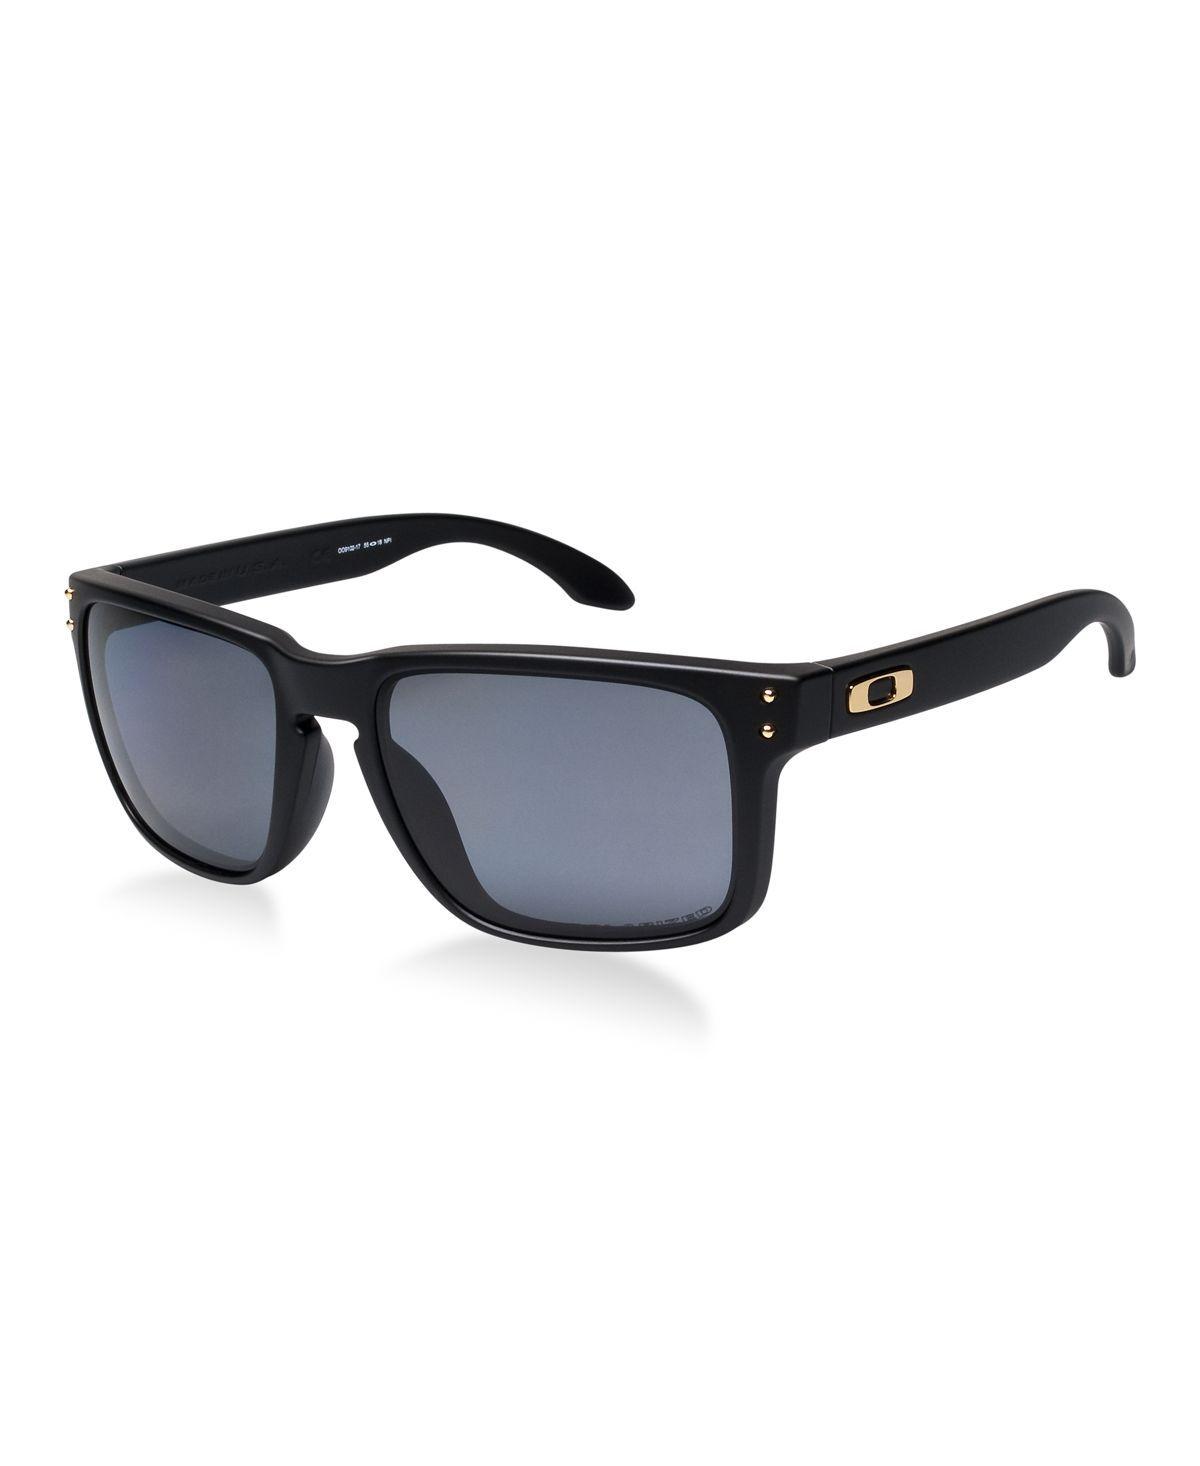 cf80a3dbb5f6c Oakley Sunglasses